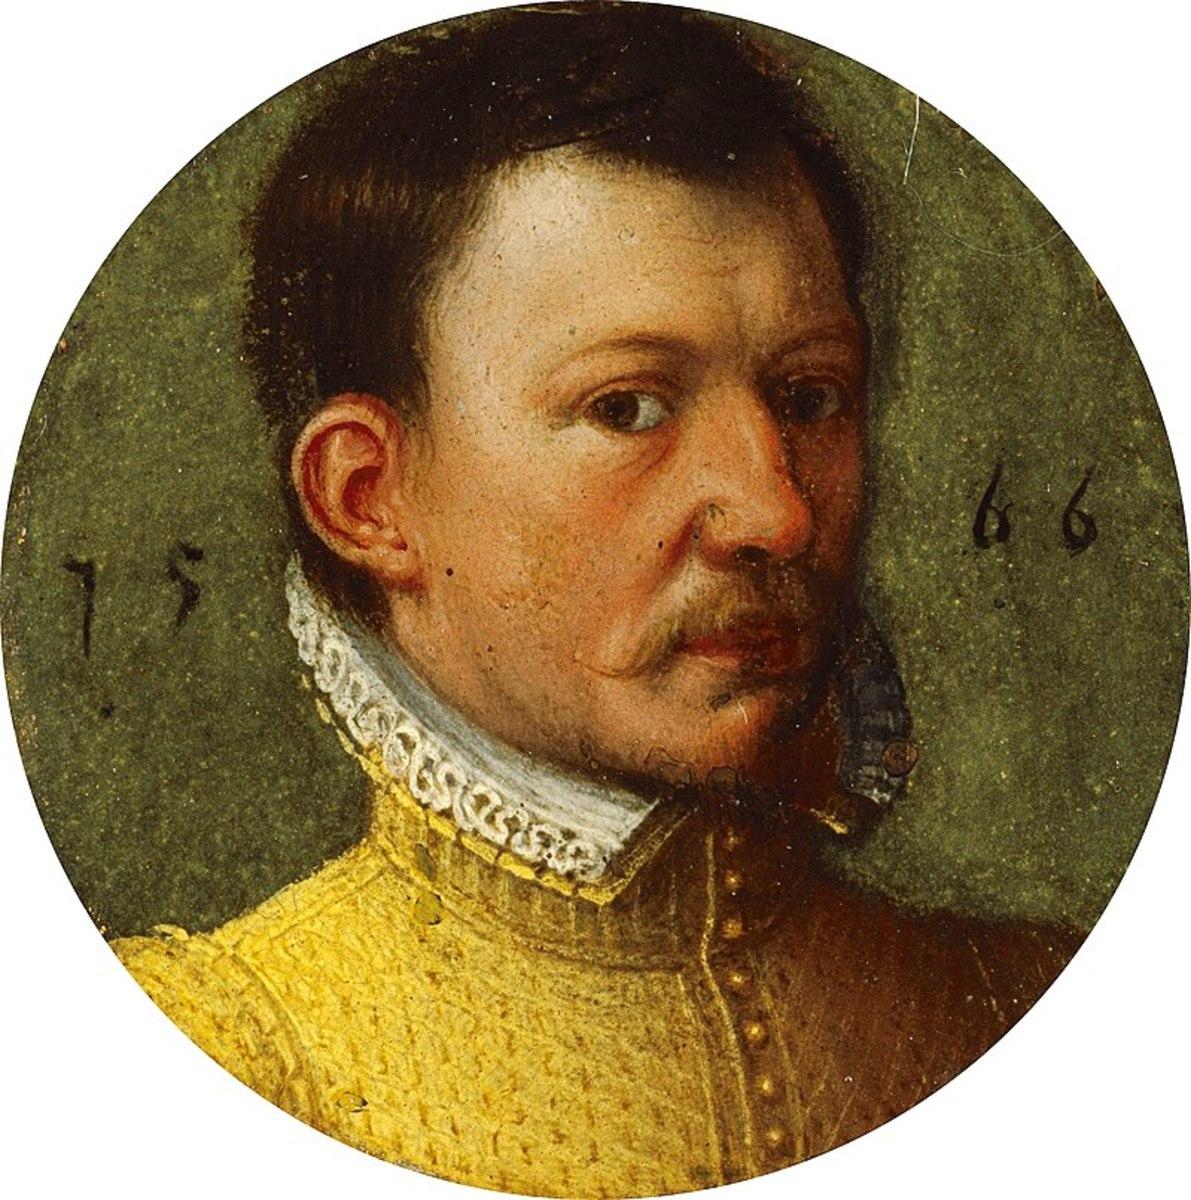 James Hepburn, 4th Earl of Bothwell.